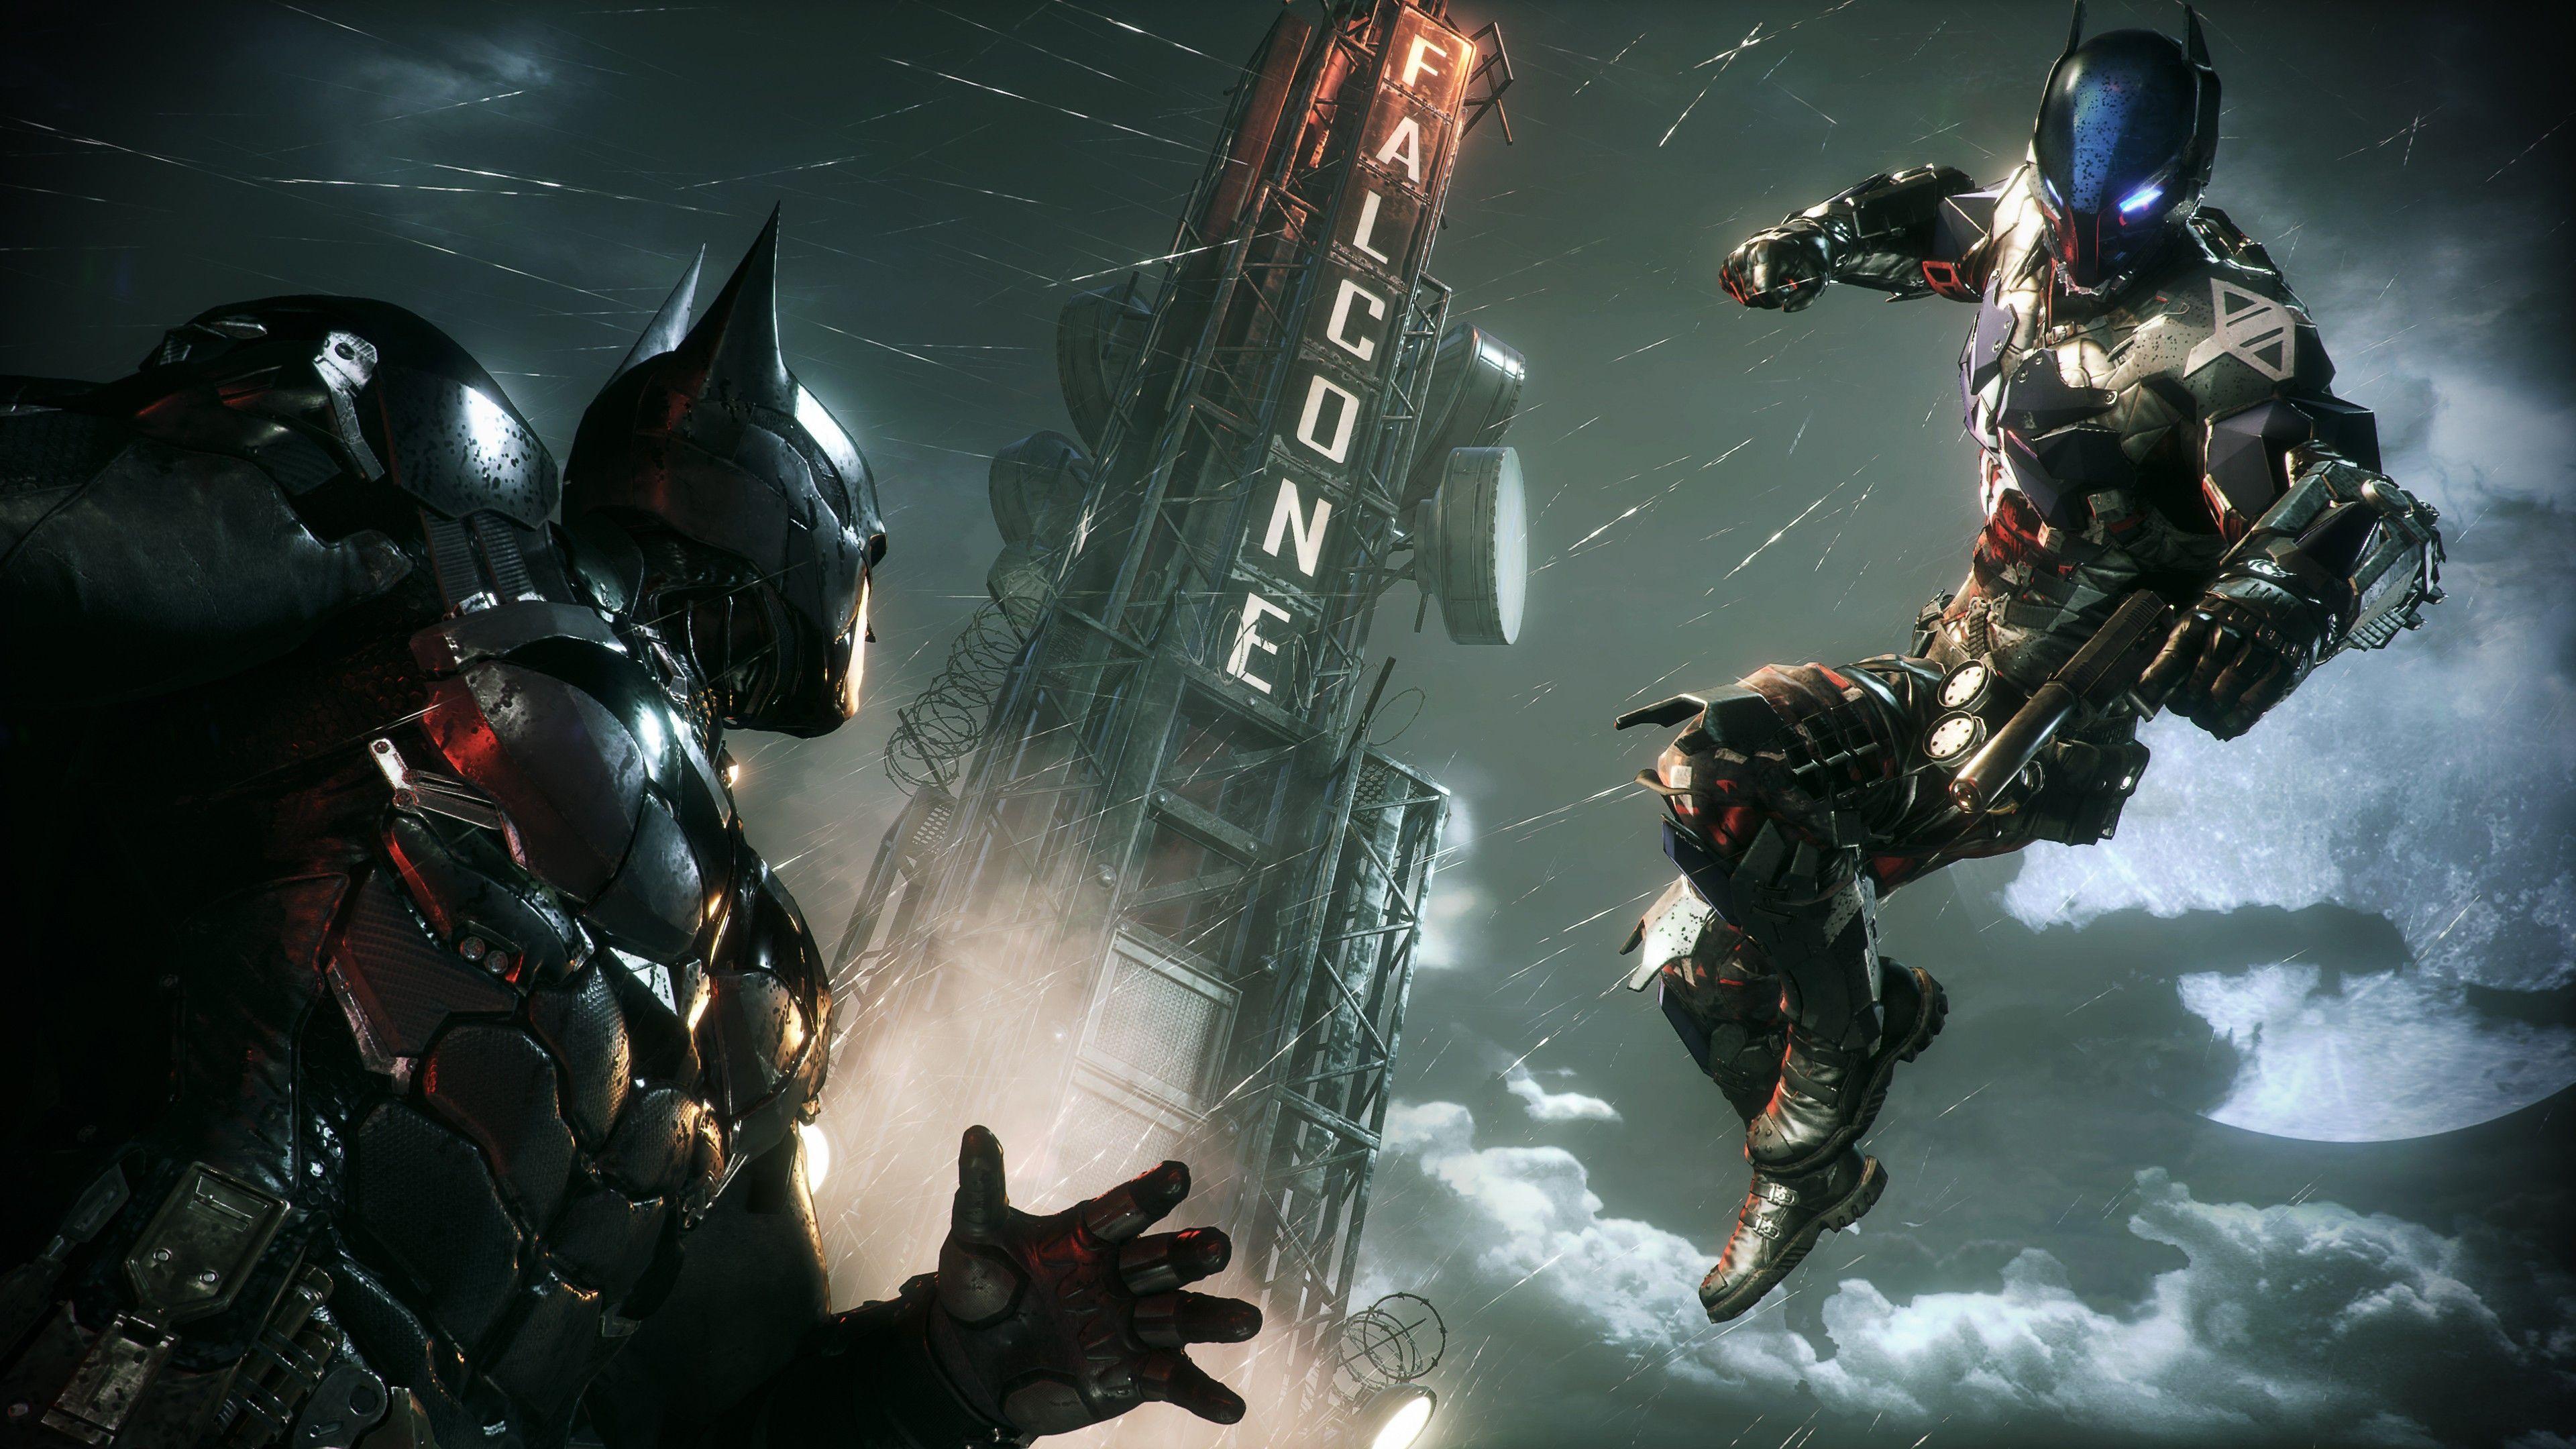 Batman Arkham Knight 4k Wallpapers Top Free Batman Arkham Knight